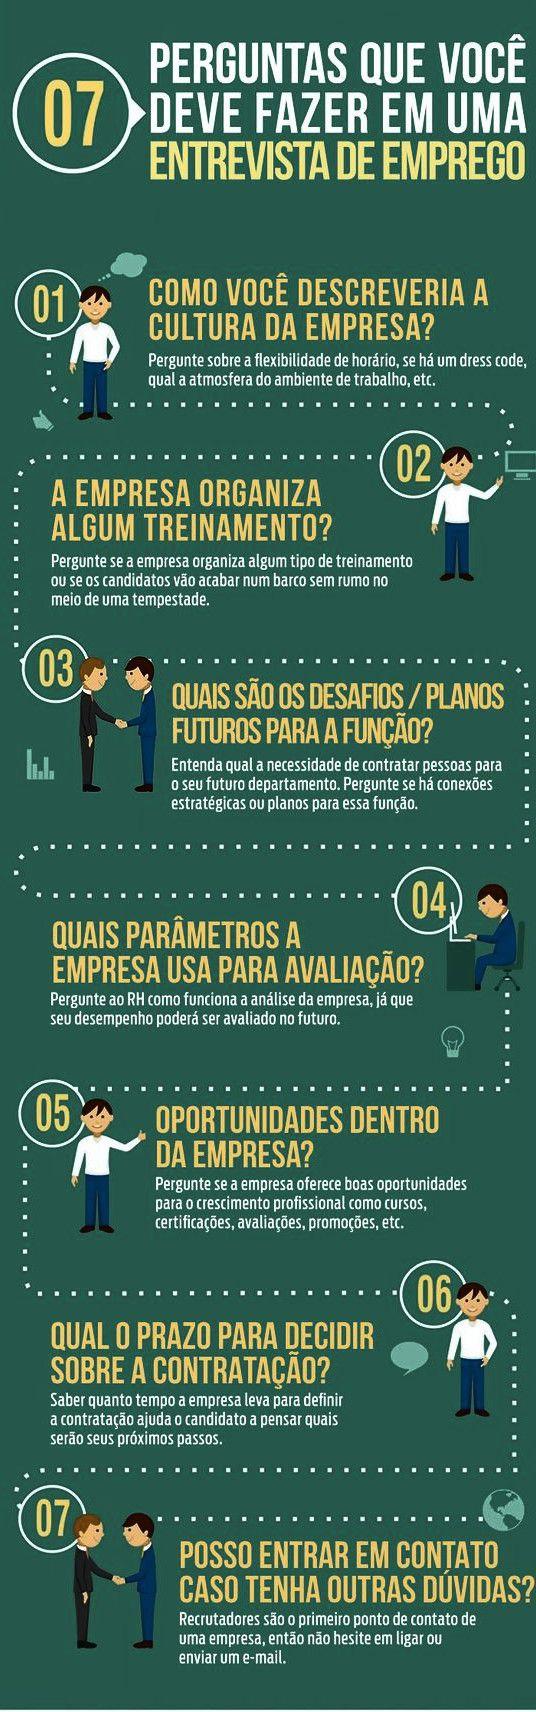 7 PERGUNTAS QUE VOCÊ DEVE FAZER EM UMA ENTREVISTA DE EMPREGO  www.guiacorporativo.com.br